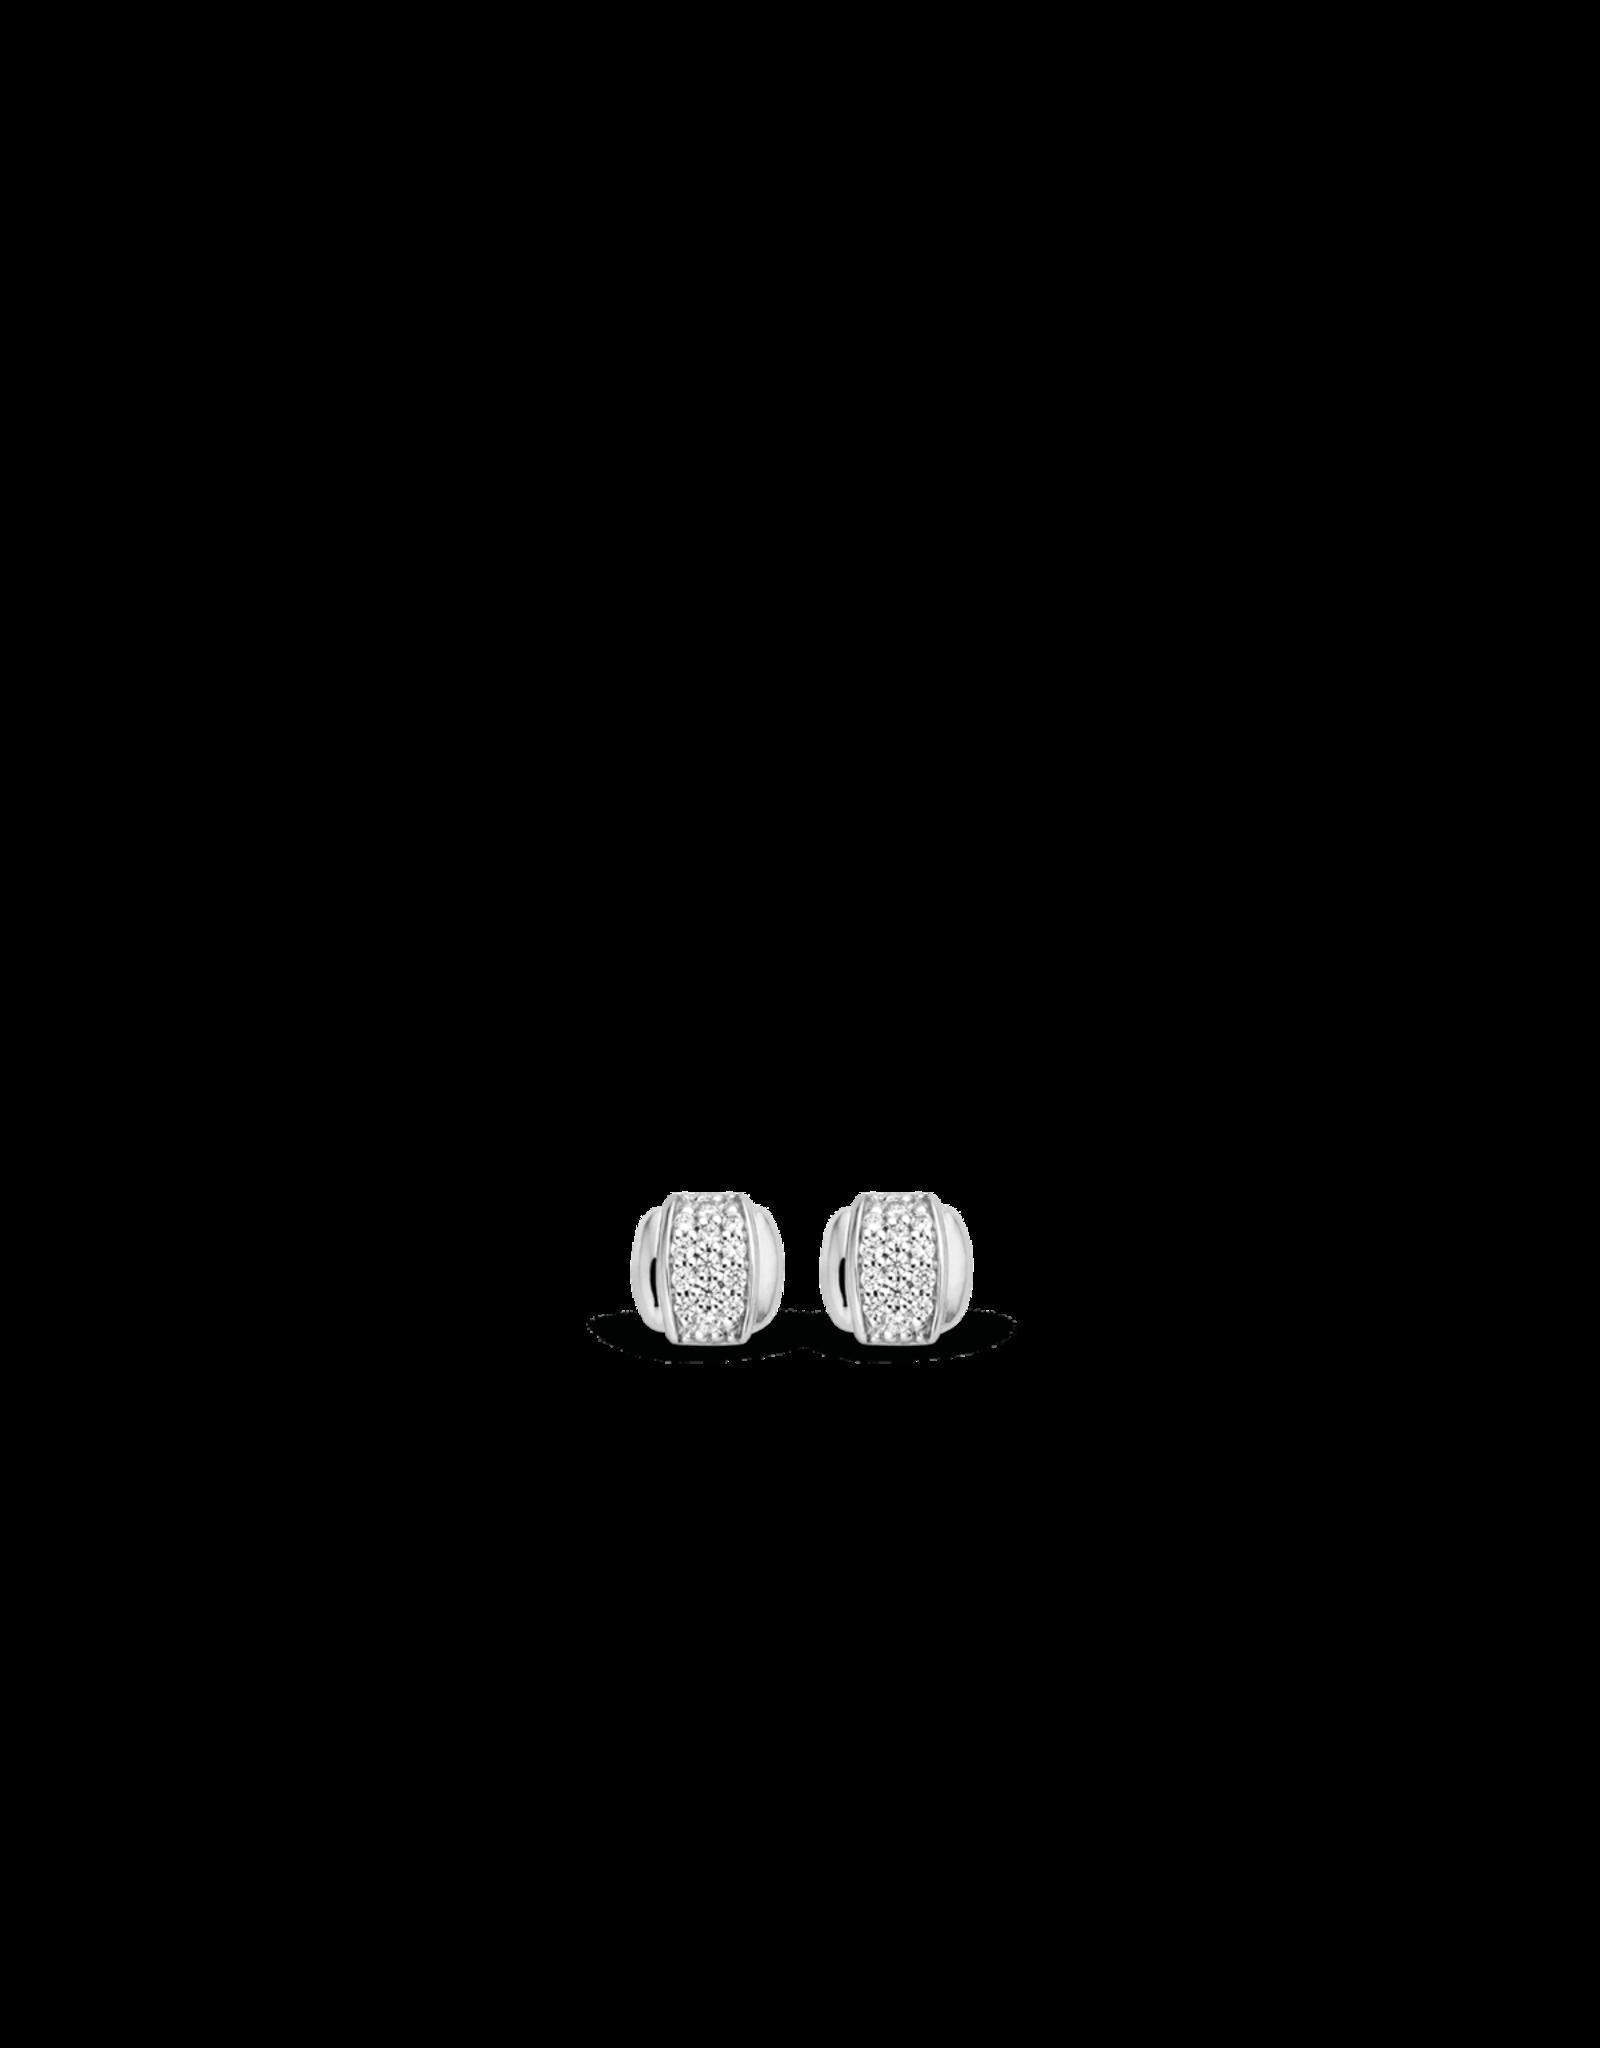 Minimalist Pave Zirconia Stud Earrings (6mm)- 7799